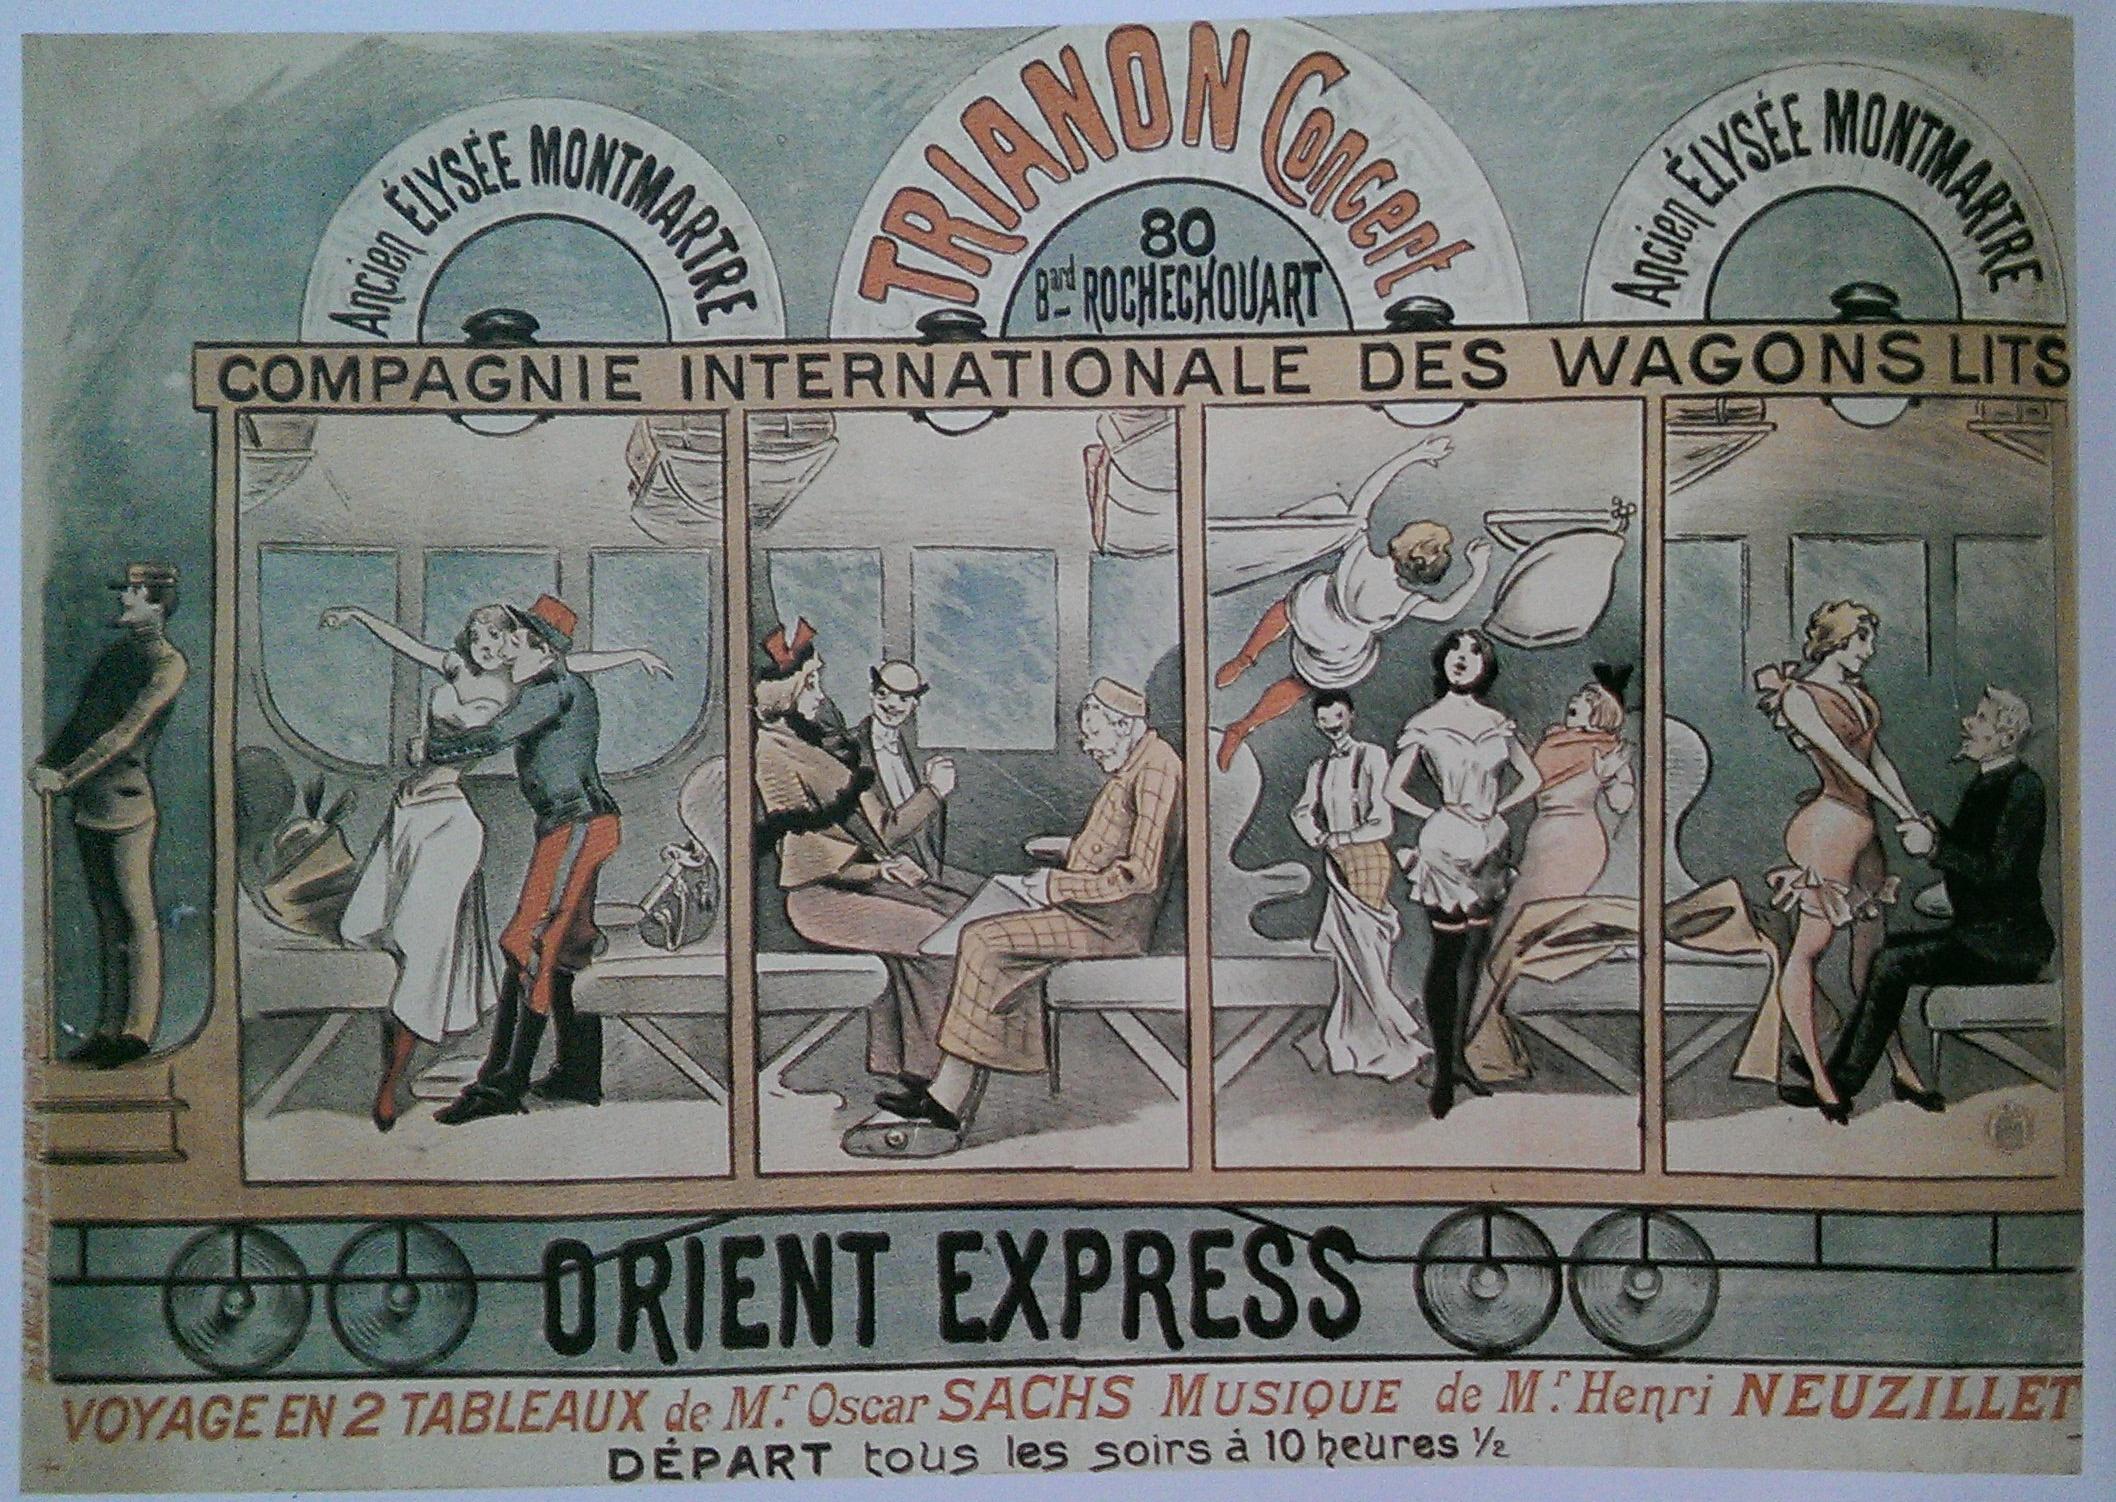 La compagnie des wagon lits postcards - Compagnie des wagons lits recrutement ...